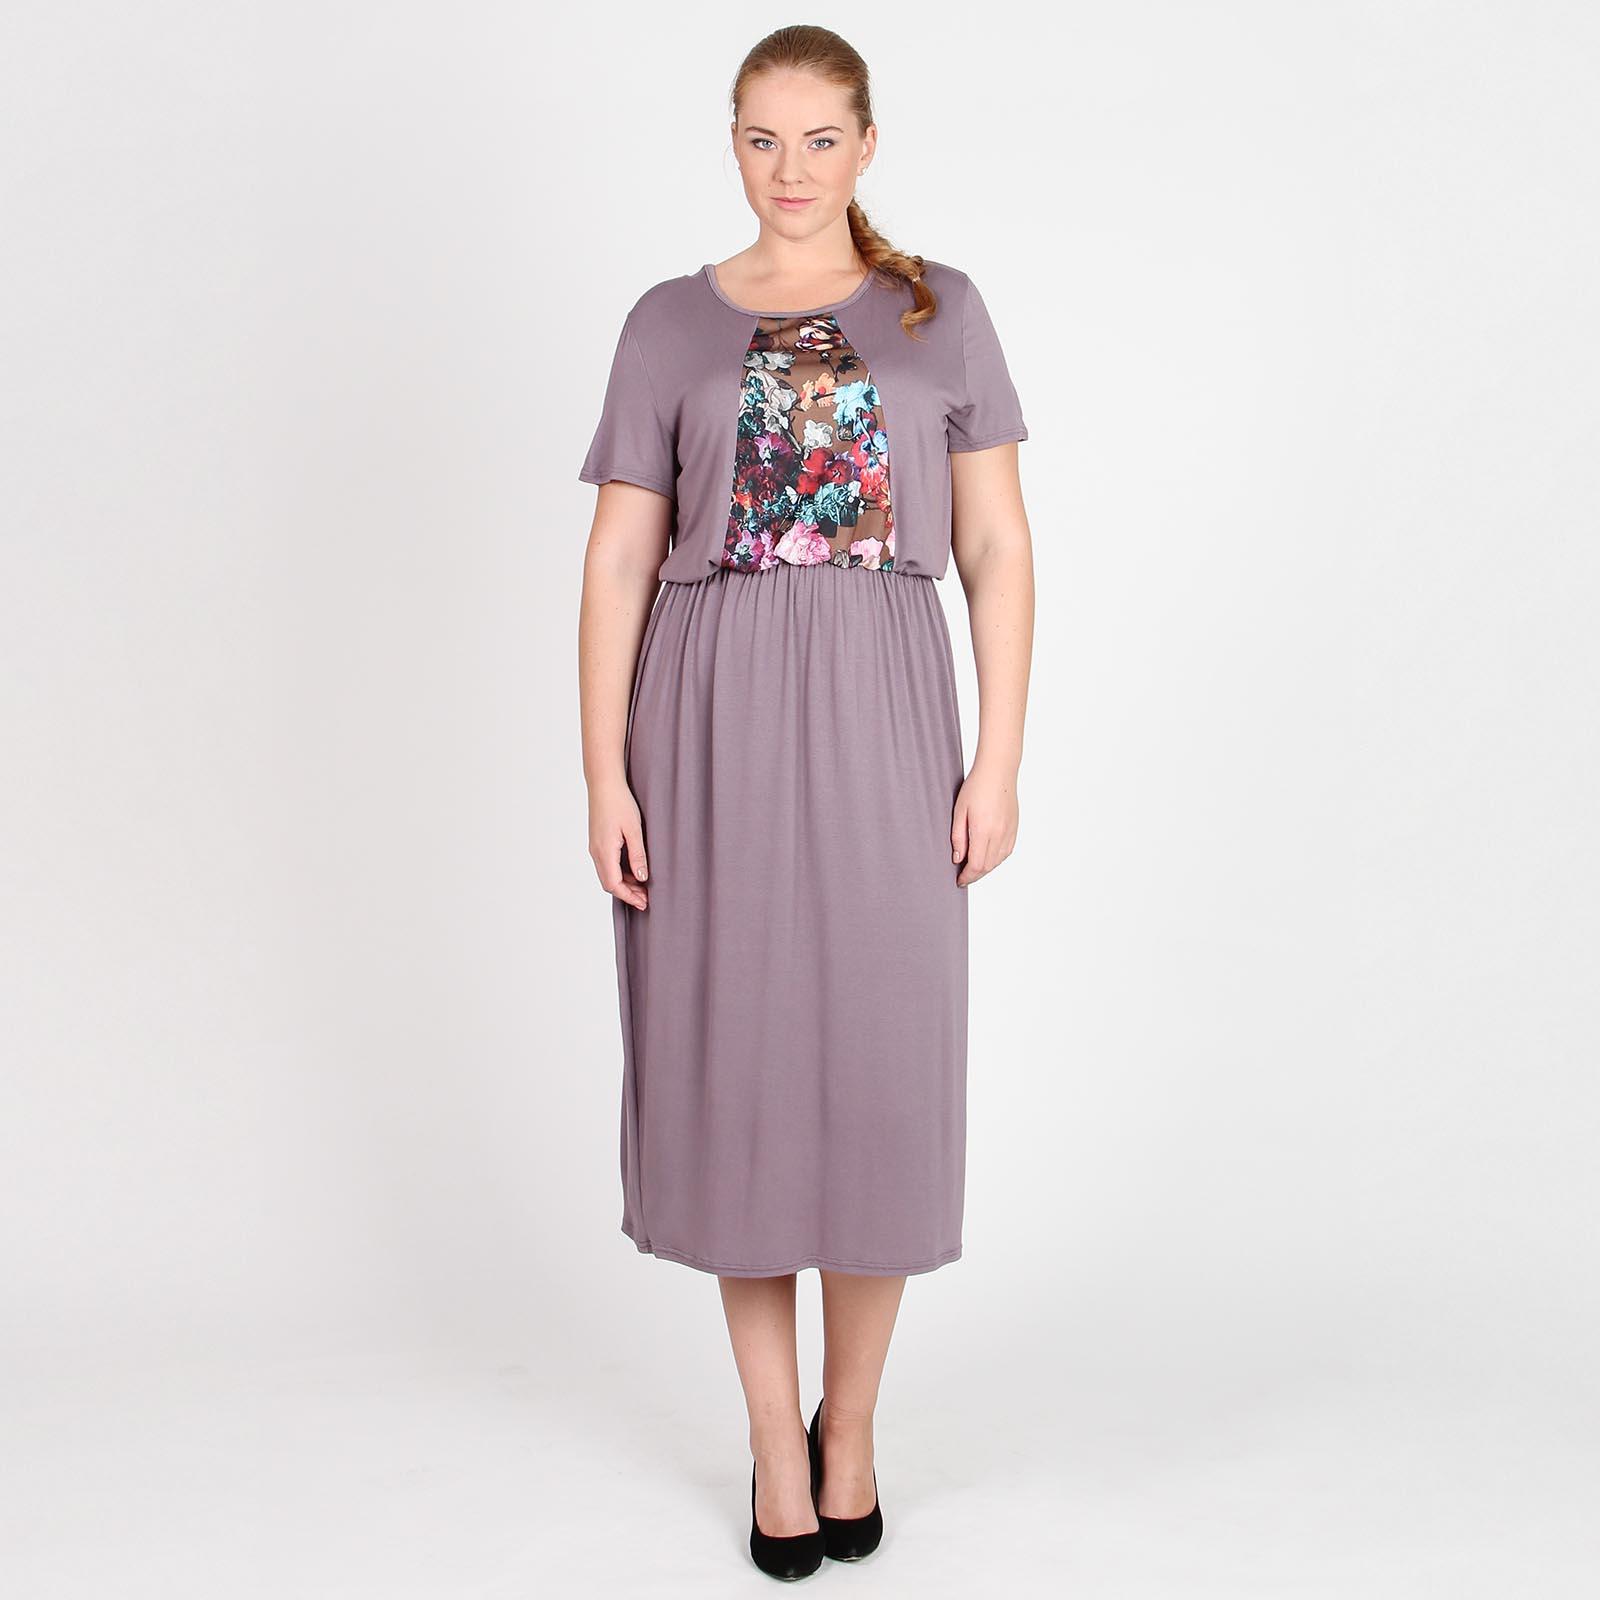 Платье в пол с рукавом 3/4 и фантазийным рисунком